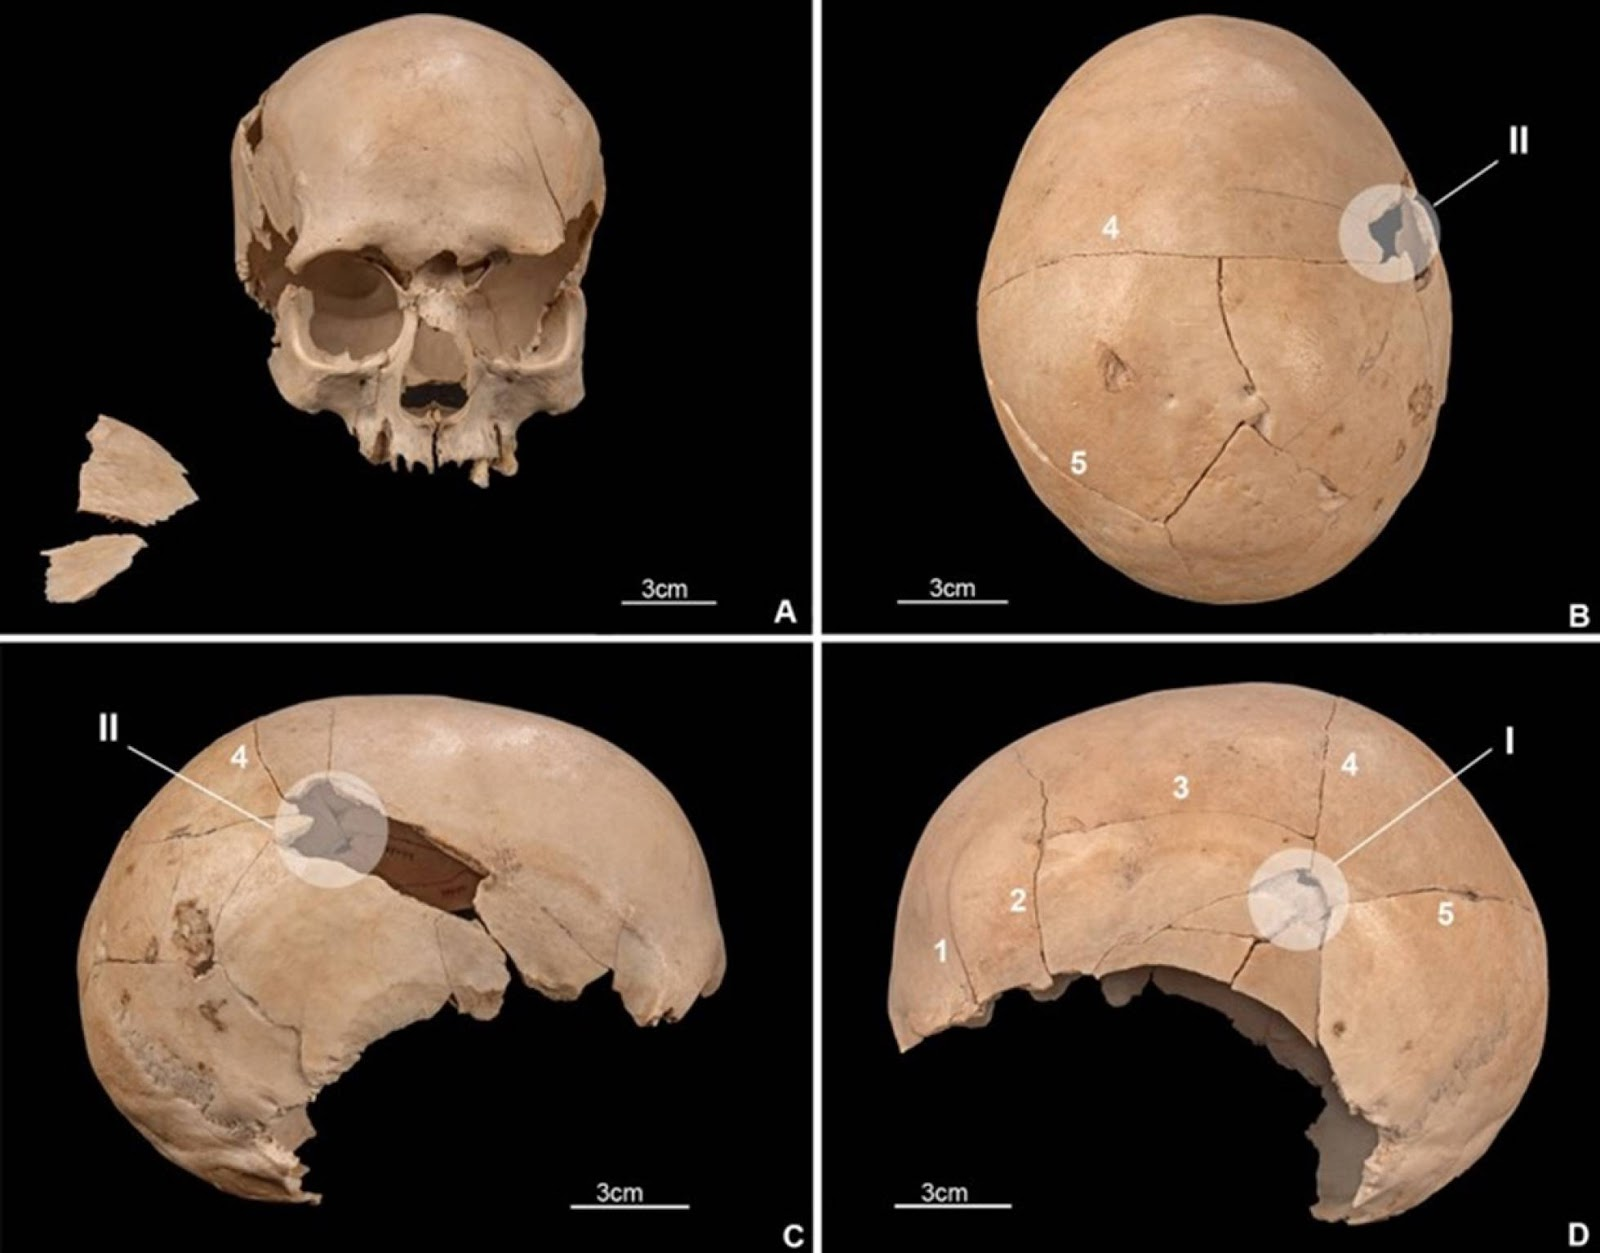 Cráneo de uno de los individuos asesinados en la cueva de Els Trocs, con impactos de flechas y objetos contundentes. Foto: MANUEL A. ROJO / KURT W. ALT